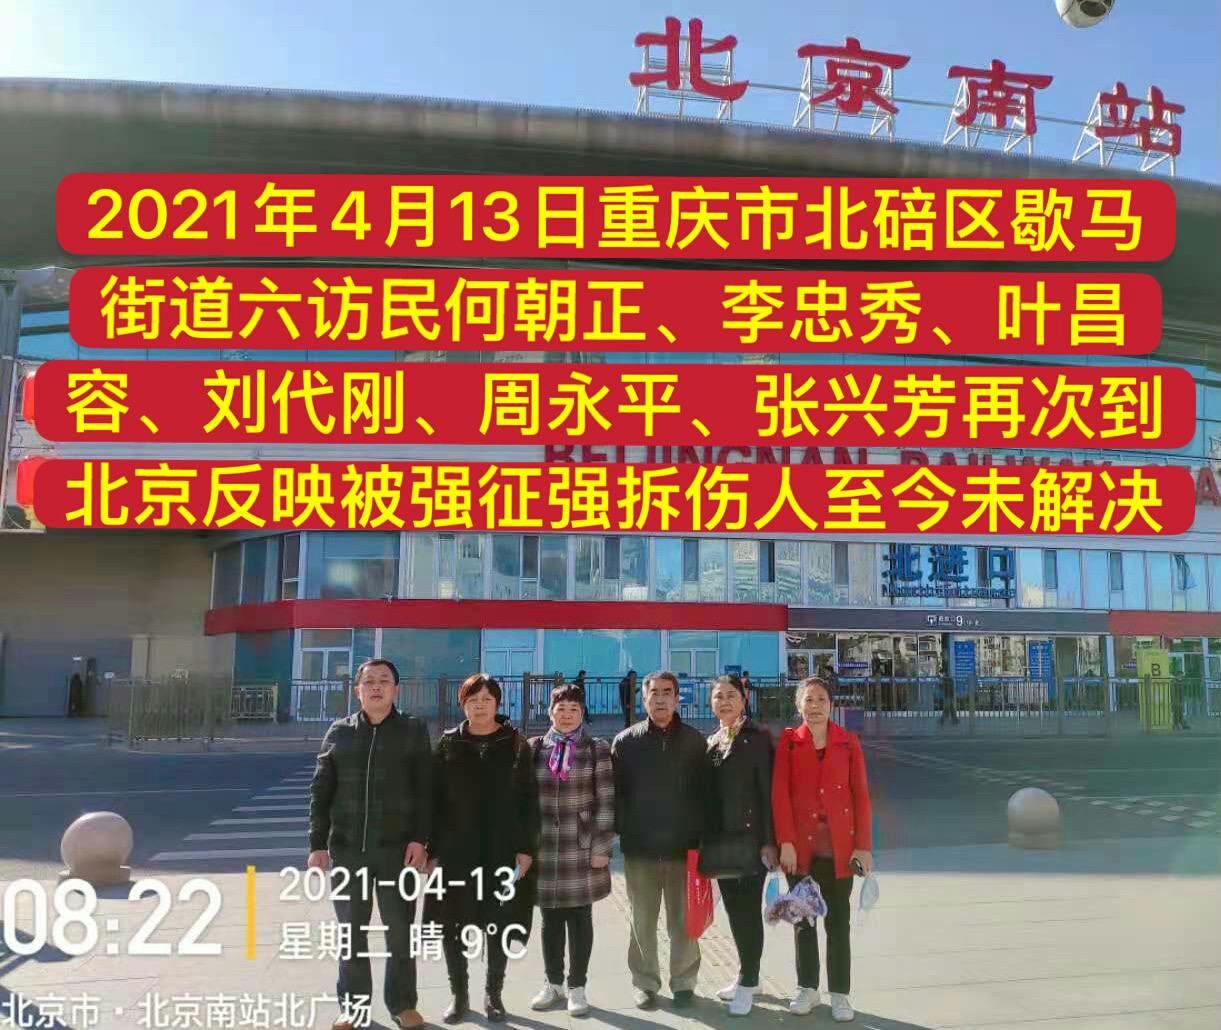 重慶市北碚區失地訪民何朝正進京反映問題被截回。4月15日在街道辦被警察馮智毆打扣押,他憤而控 告馮智的違法行為。(受訪者提供)